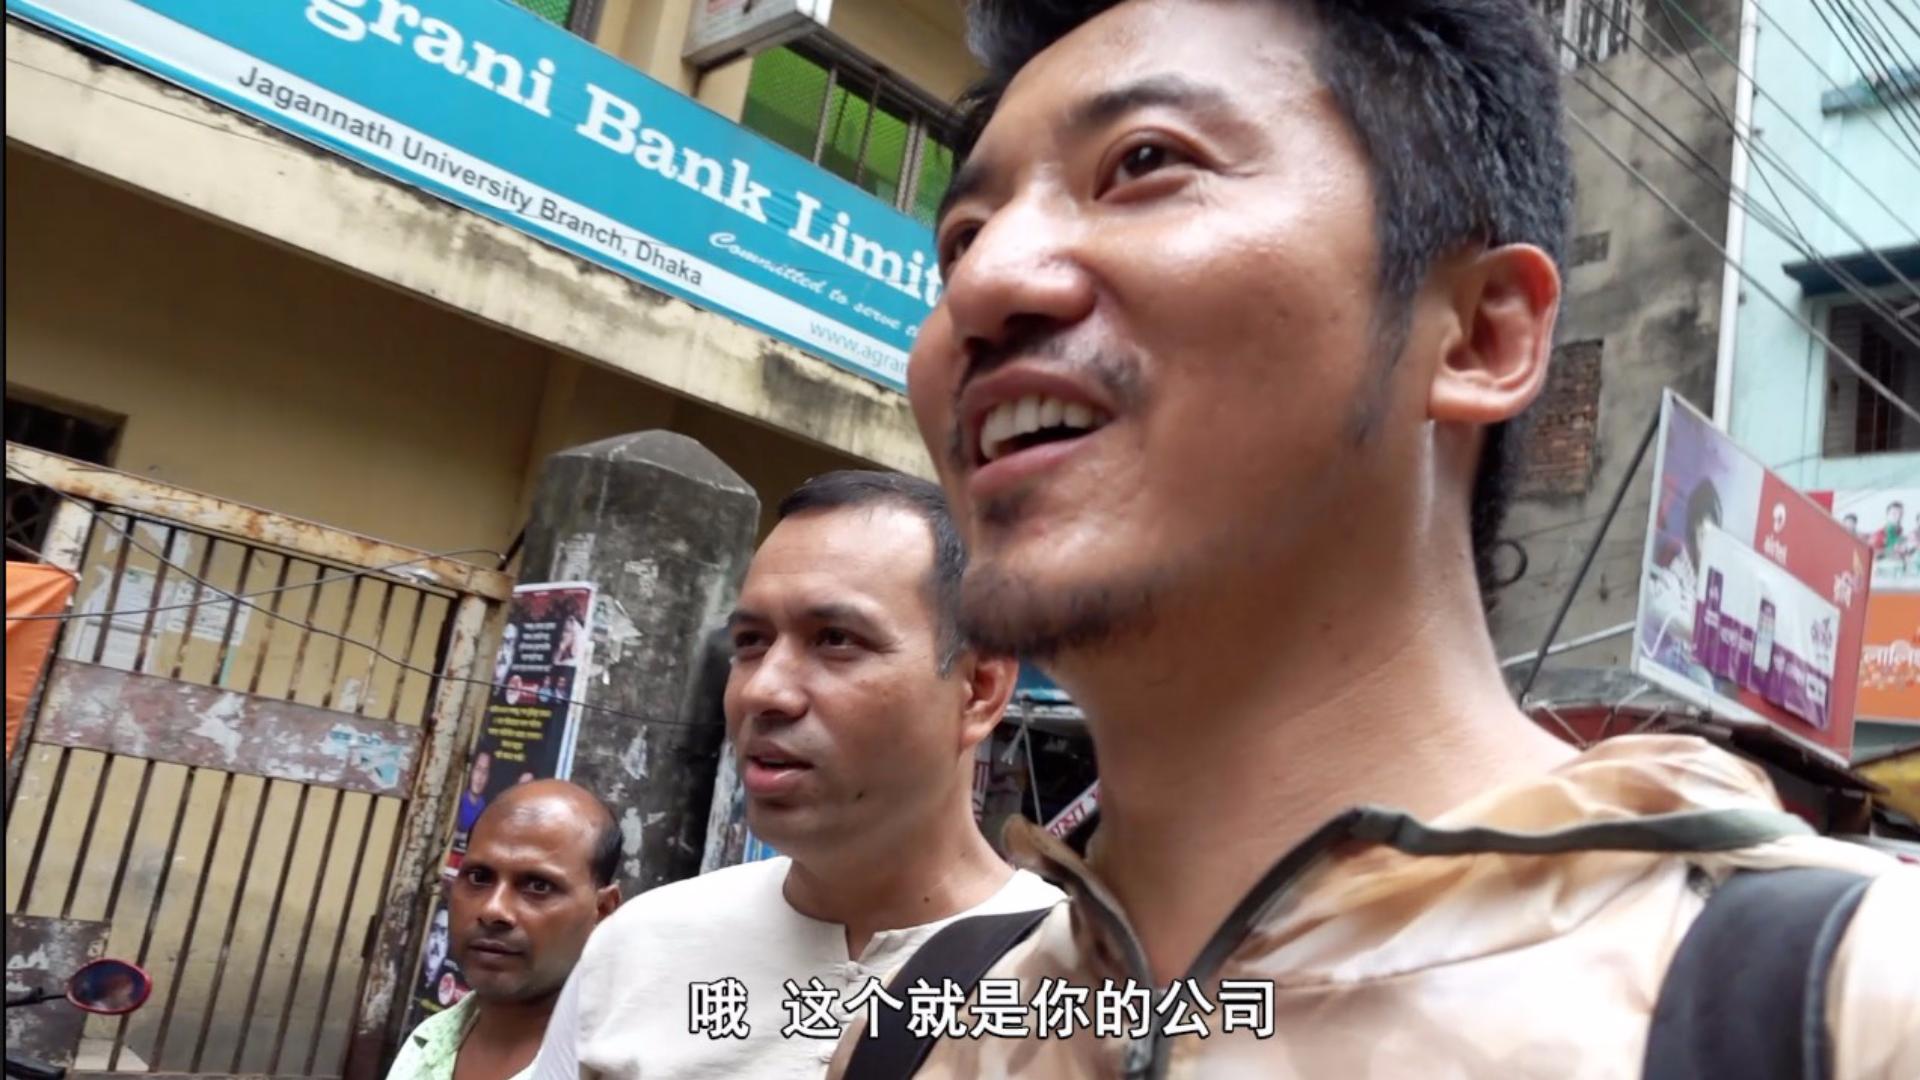 孟加拉街头遇到会讲中文的当地人,带我去他的公司参观,好好夸了顿中国制造